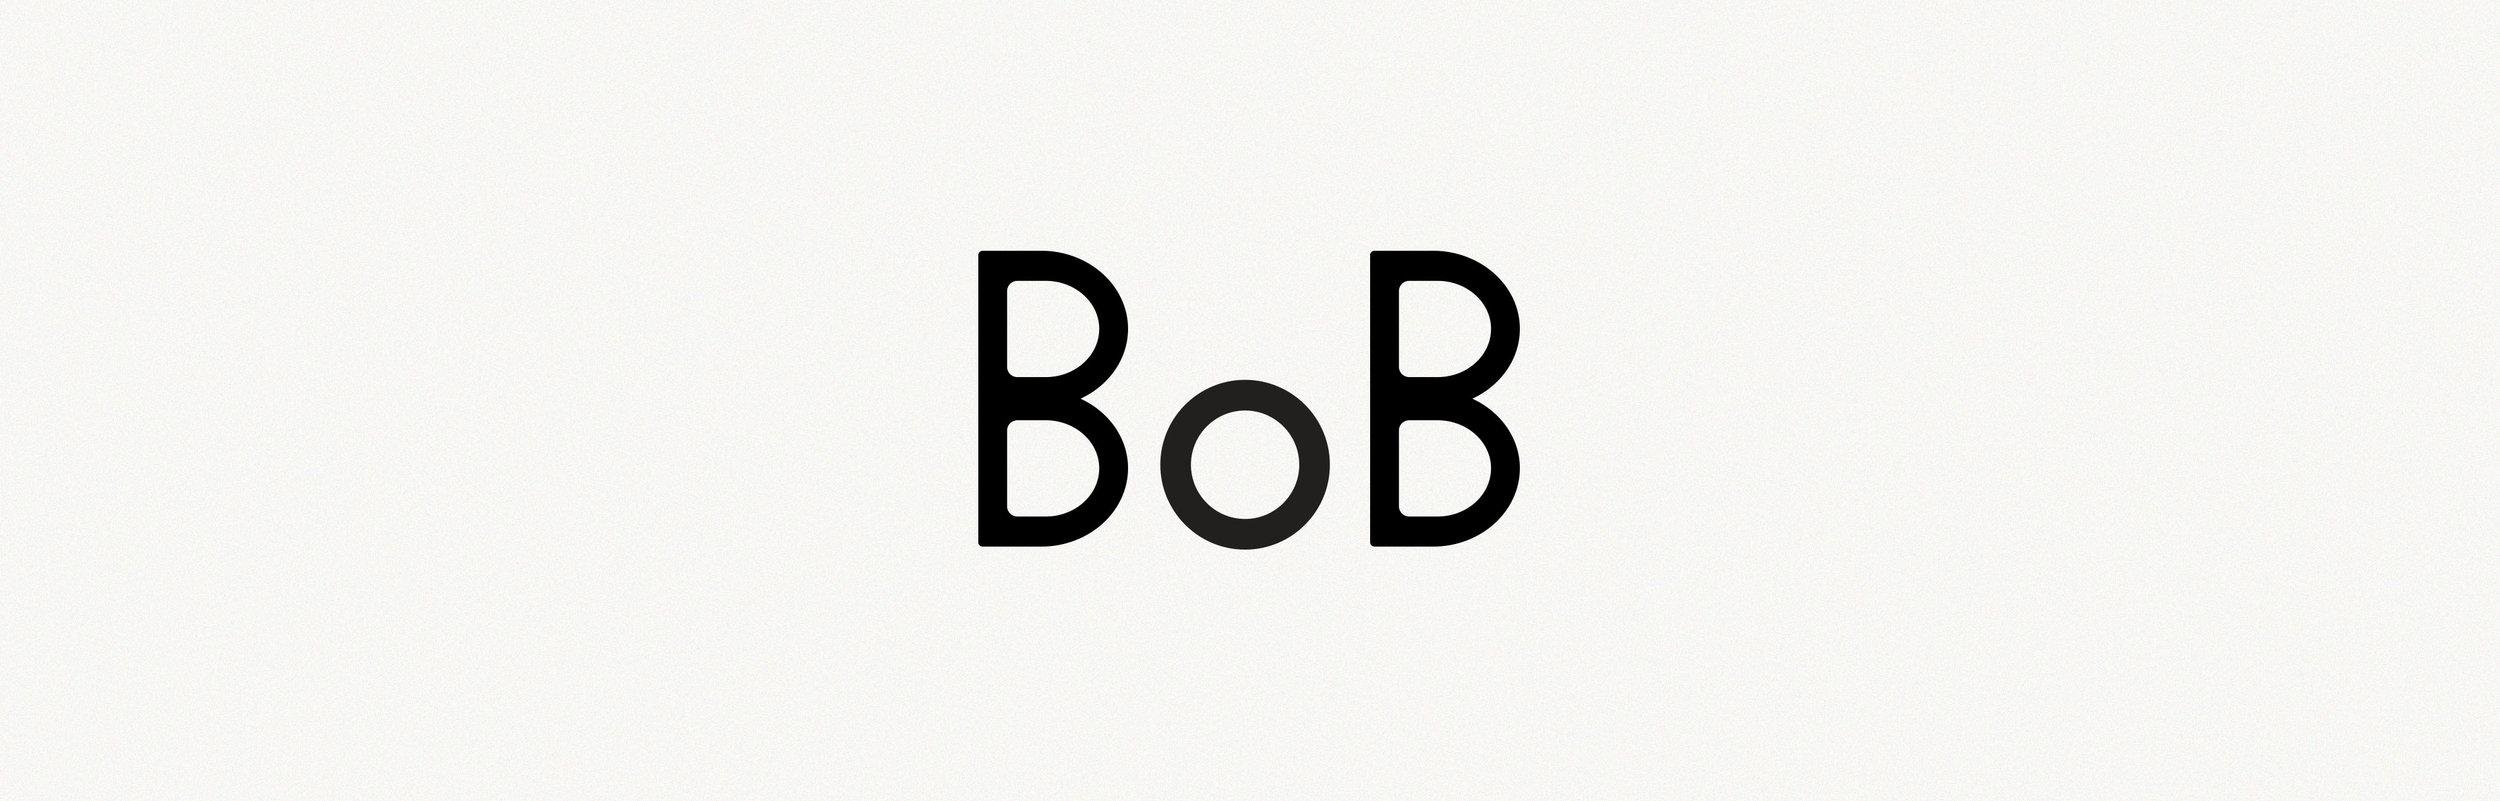 Site_BOB_LOGO.jpg